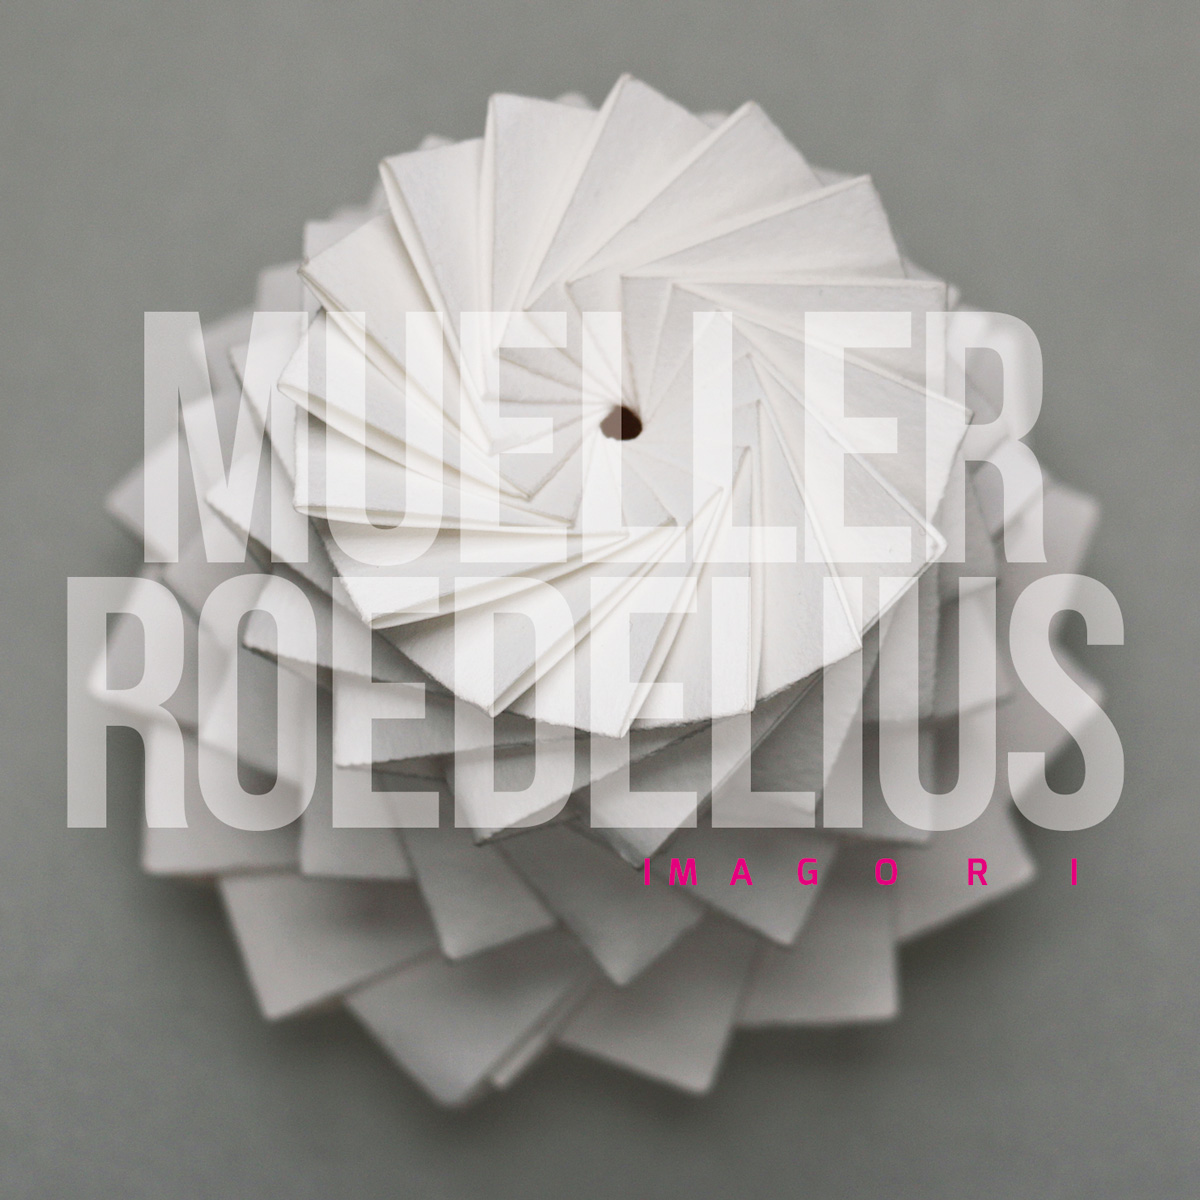 MUELLER_ROEDELIUS IMAGORI